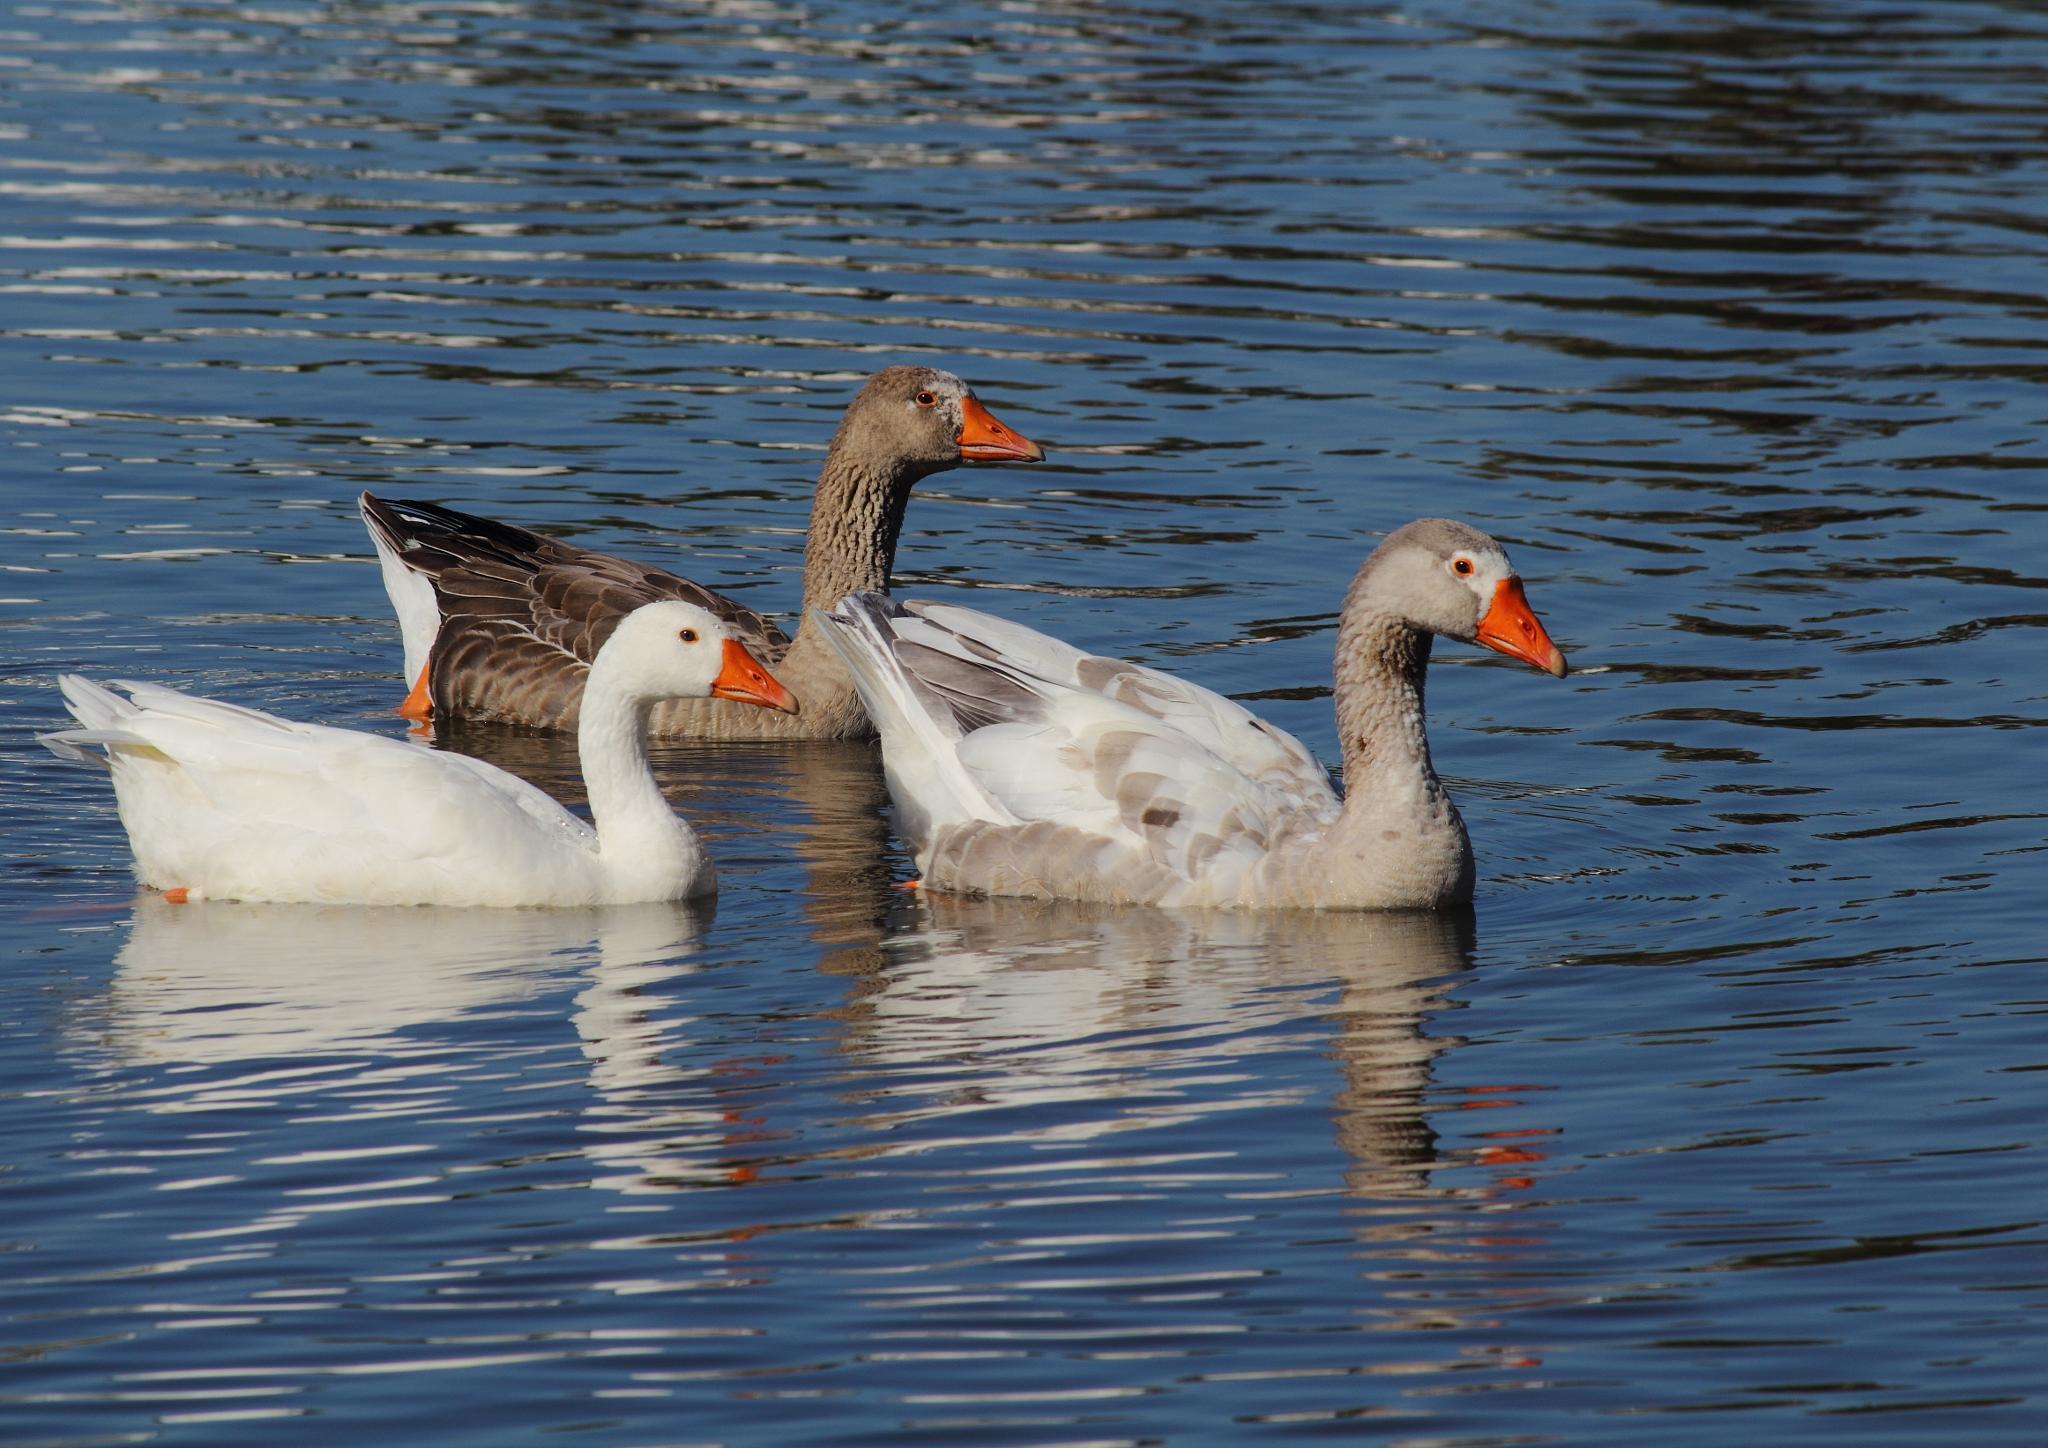 3 Ducks in a Row by Johnke